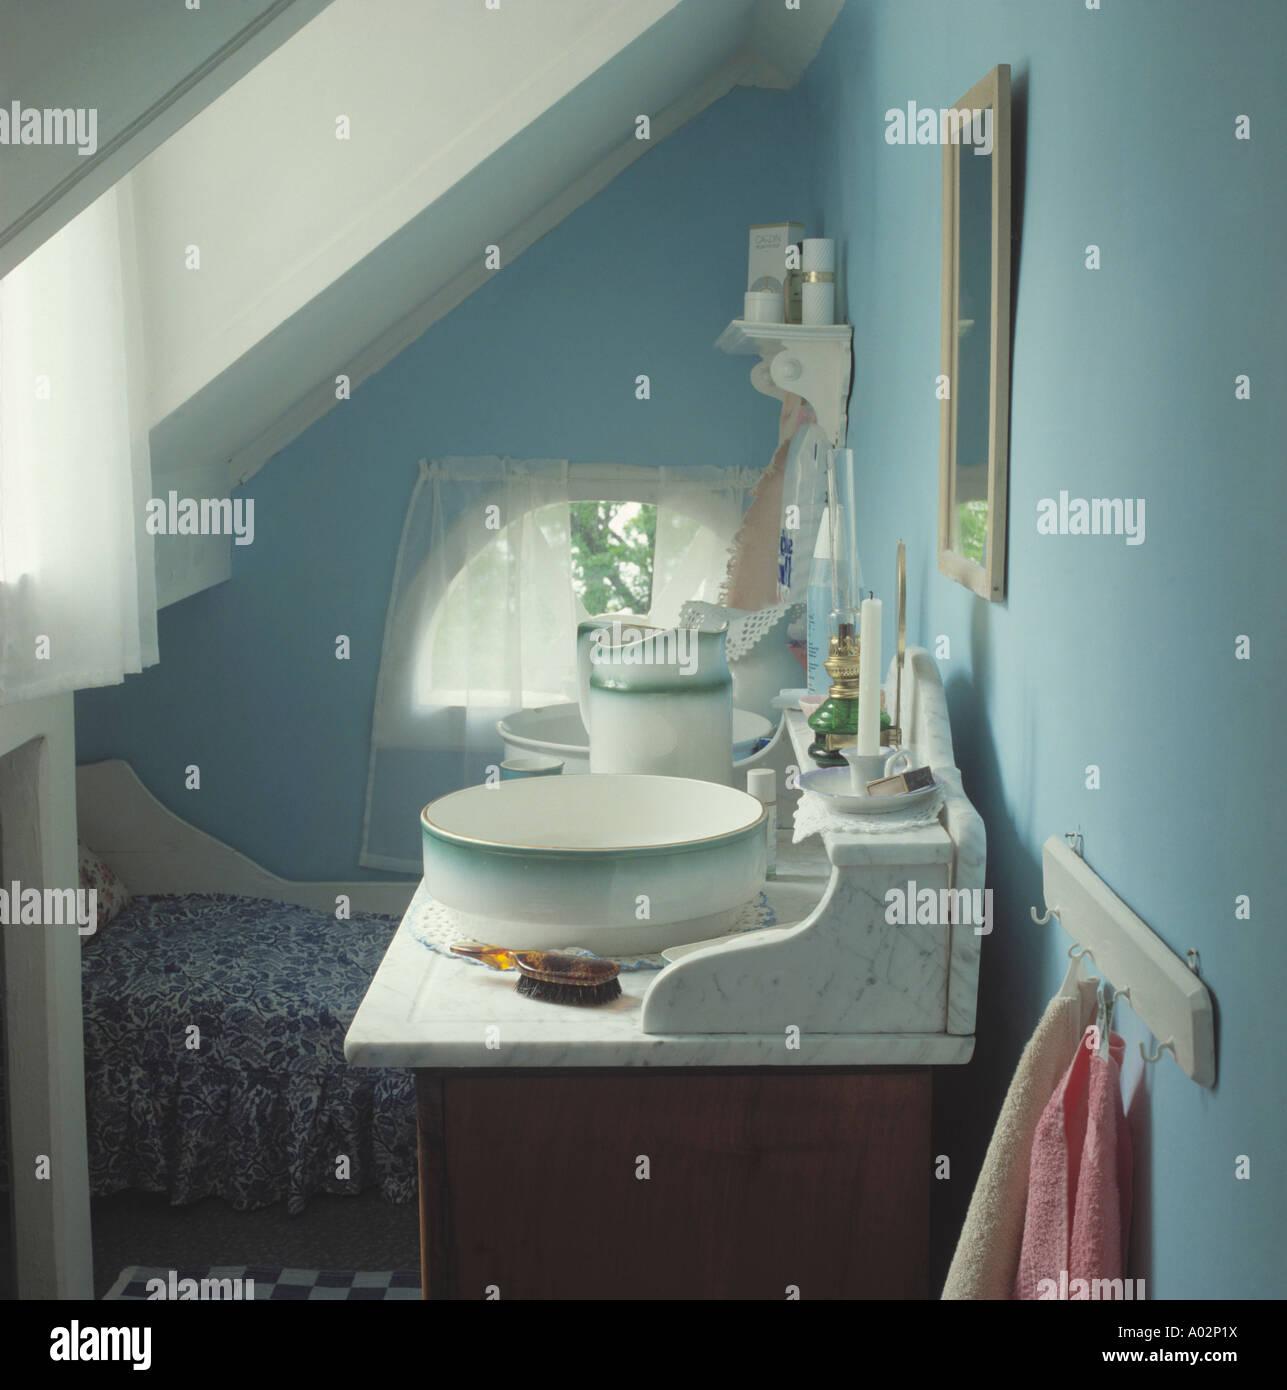 waschtisch mit schssel fabulous badezimmer mit weien. Black Bedroom Furniture Sets. Home Design Ideas